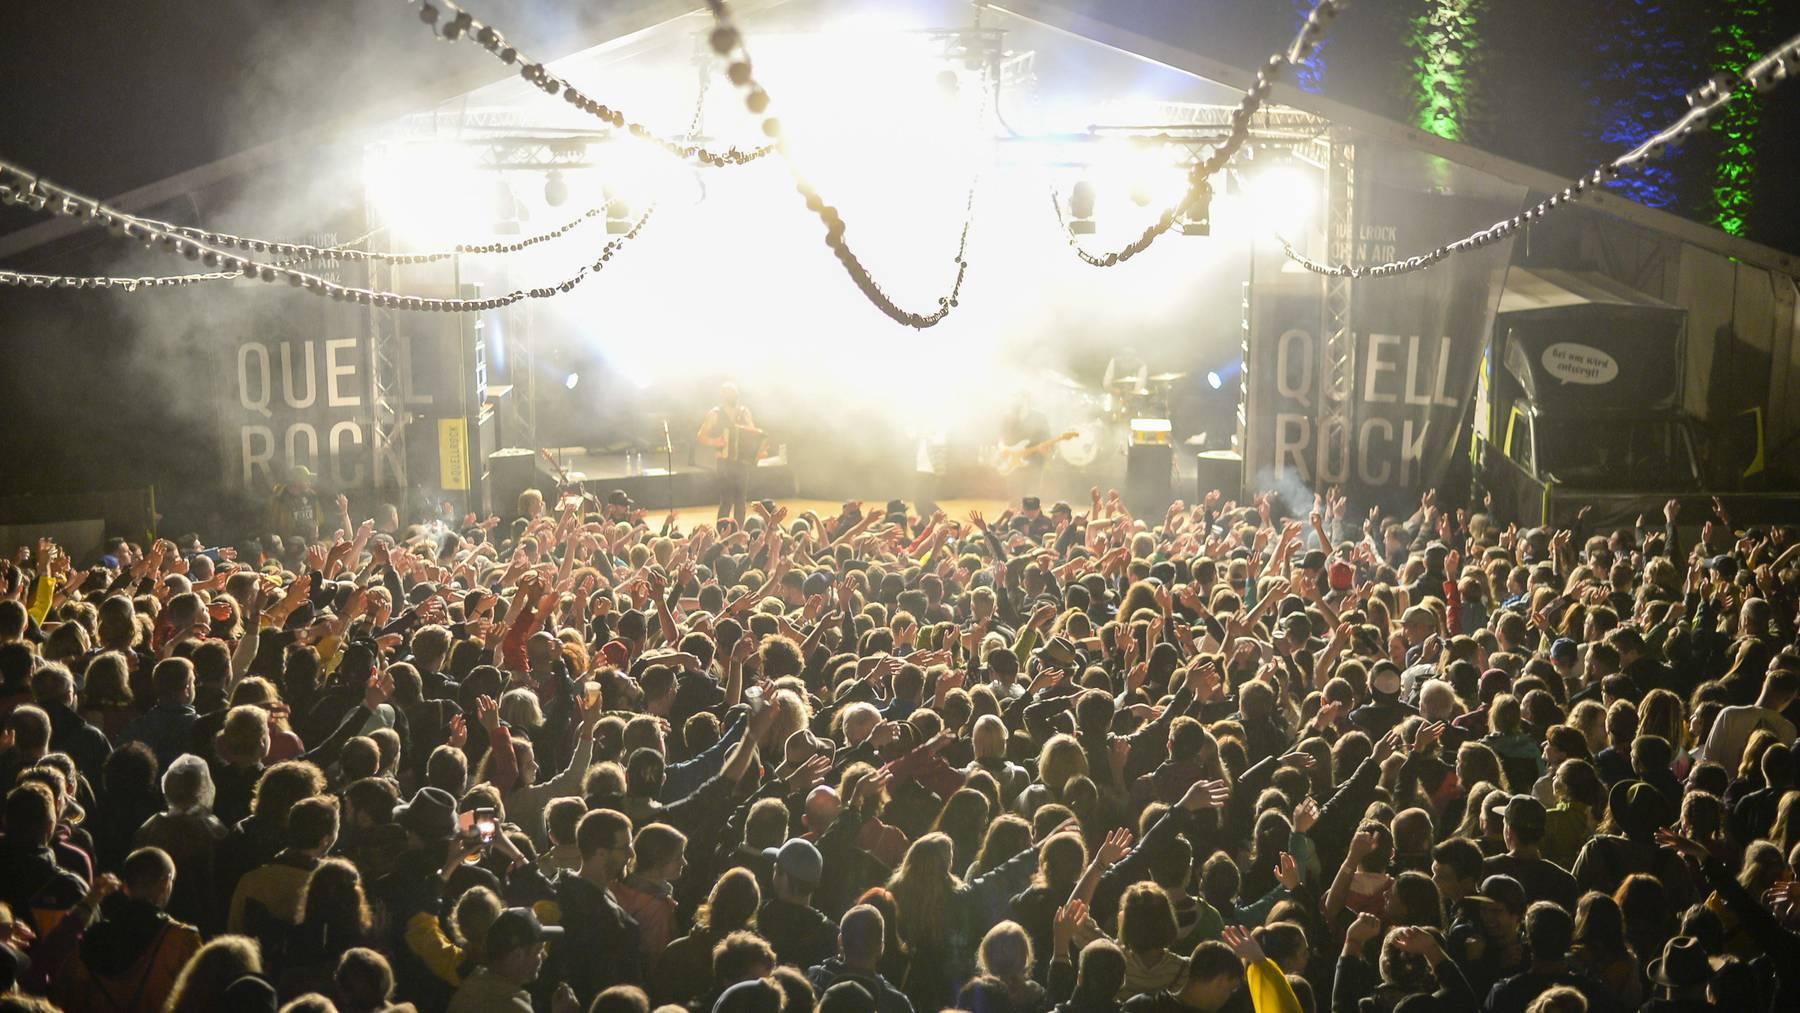 Mit 4300 Festivalbesuchern war das Quellrock am Samstag ausverkauft.